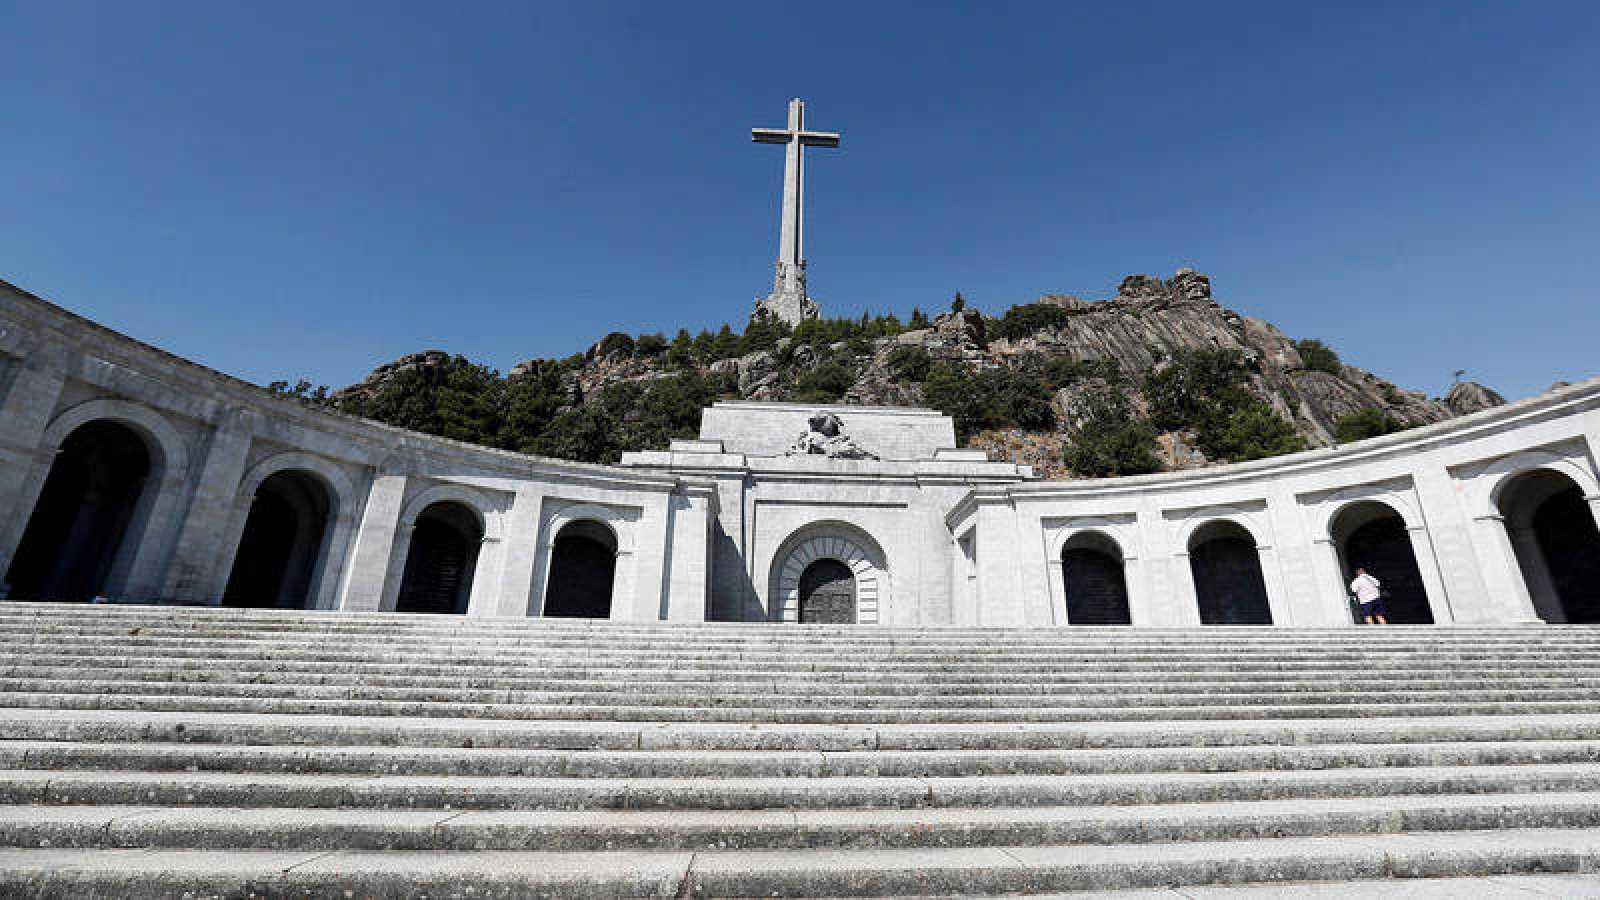 Vista de la basílica del Valle de los Caídos, donde están enterrados los restos del dictador Francisco Franco